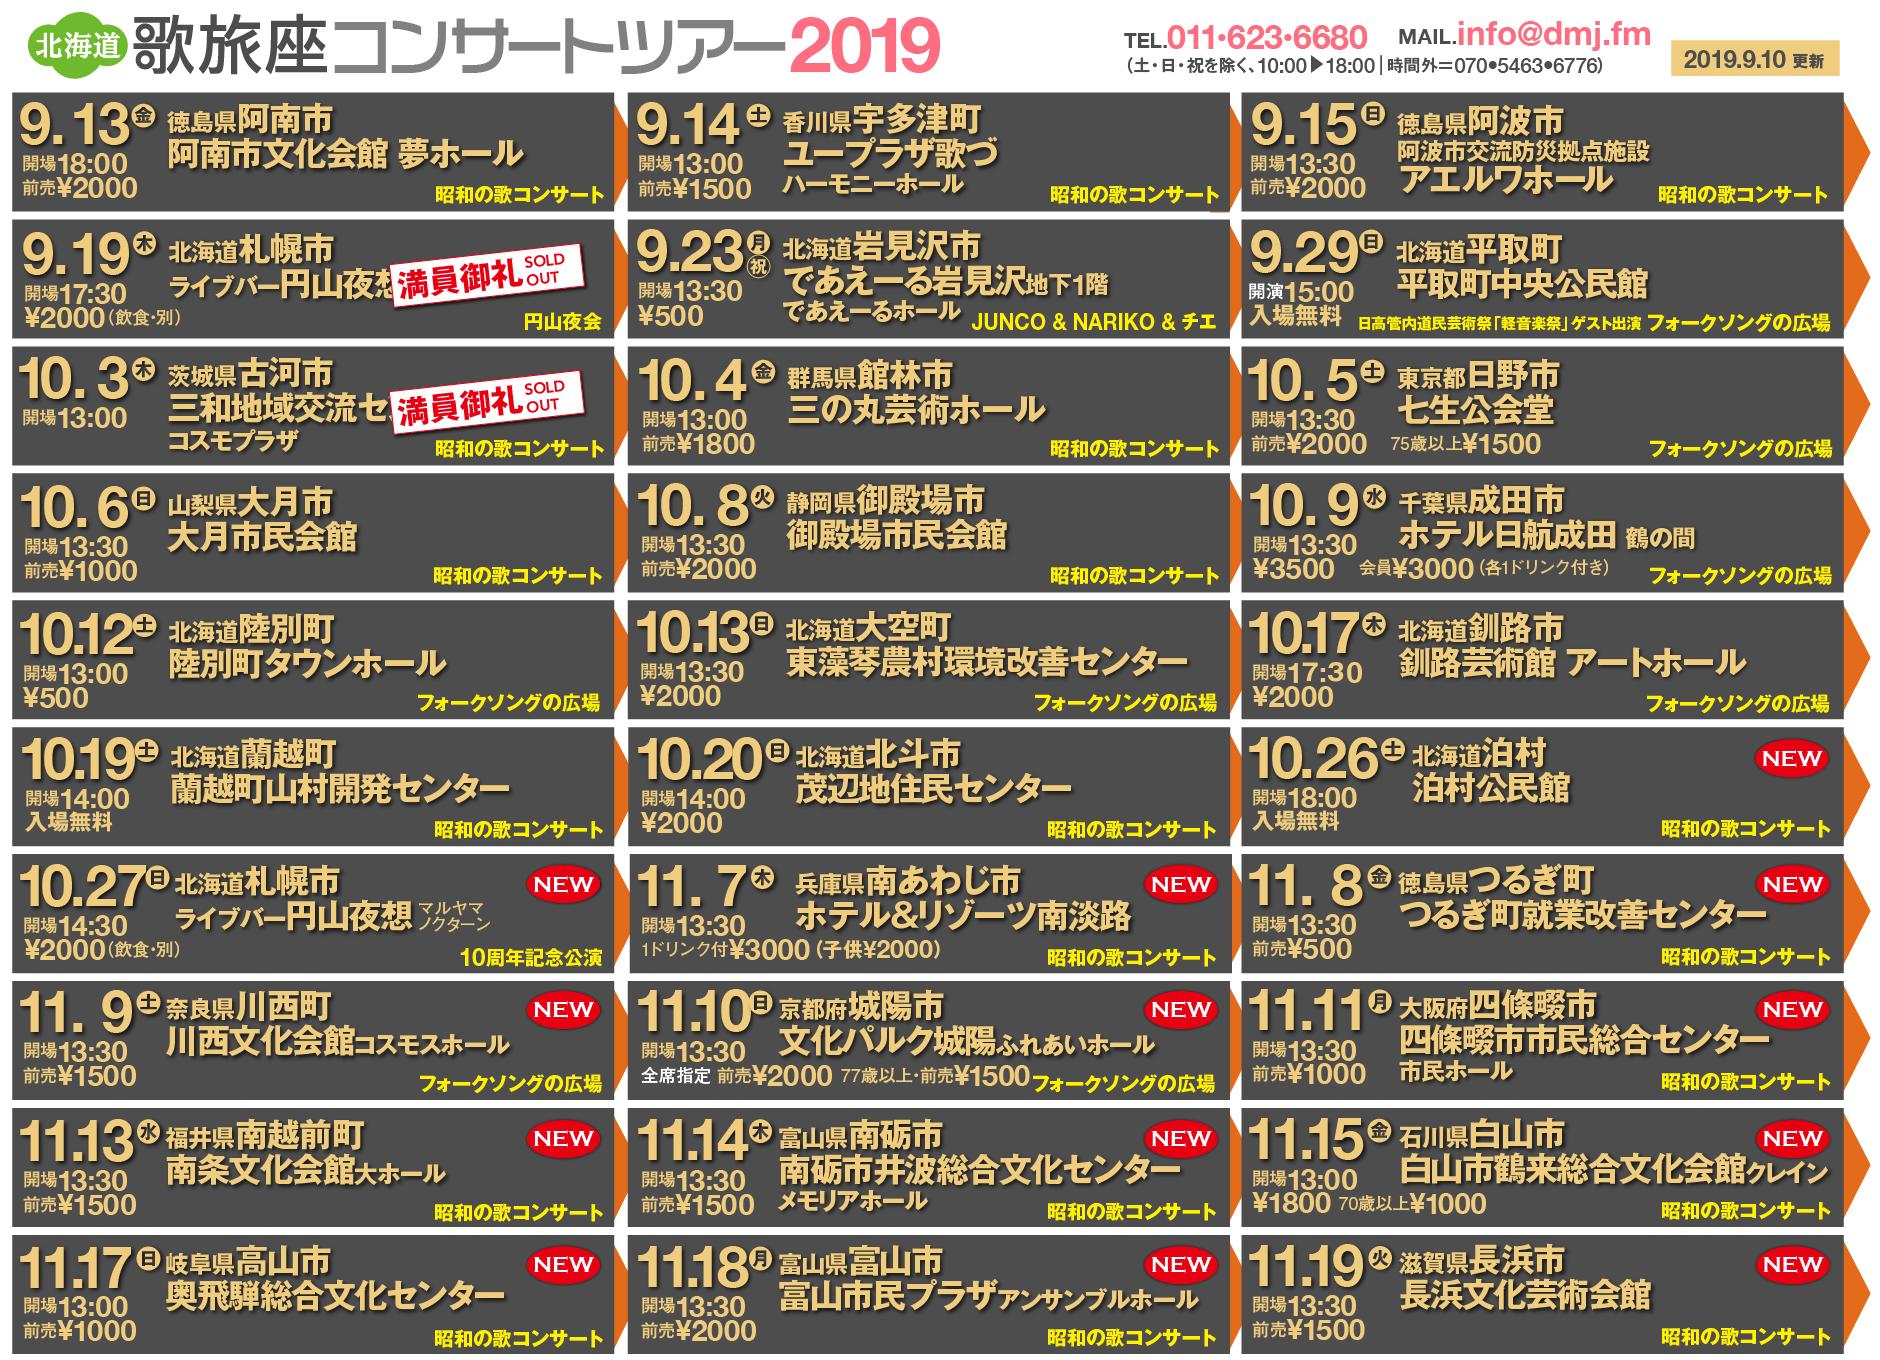 北海道歌旅座コンサートスケジュール